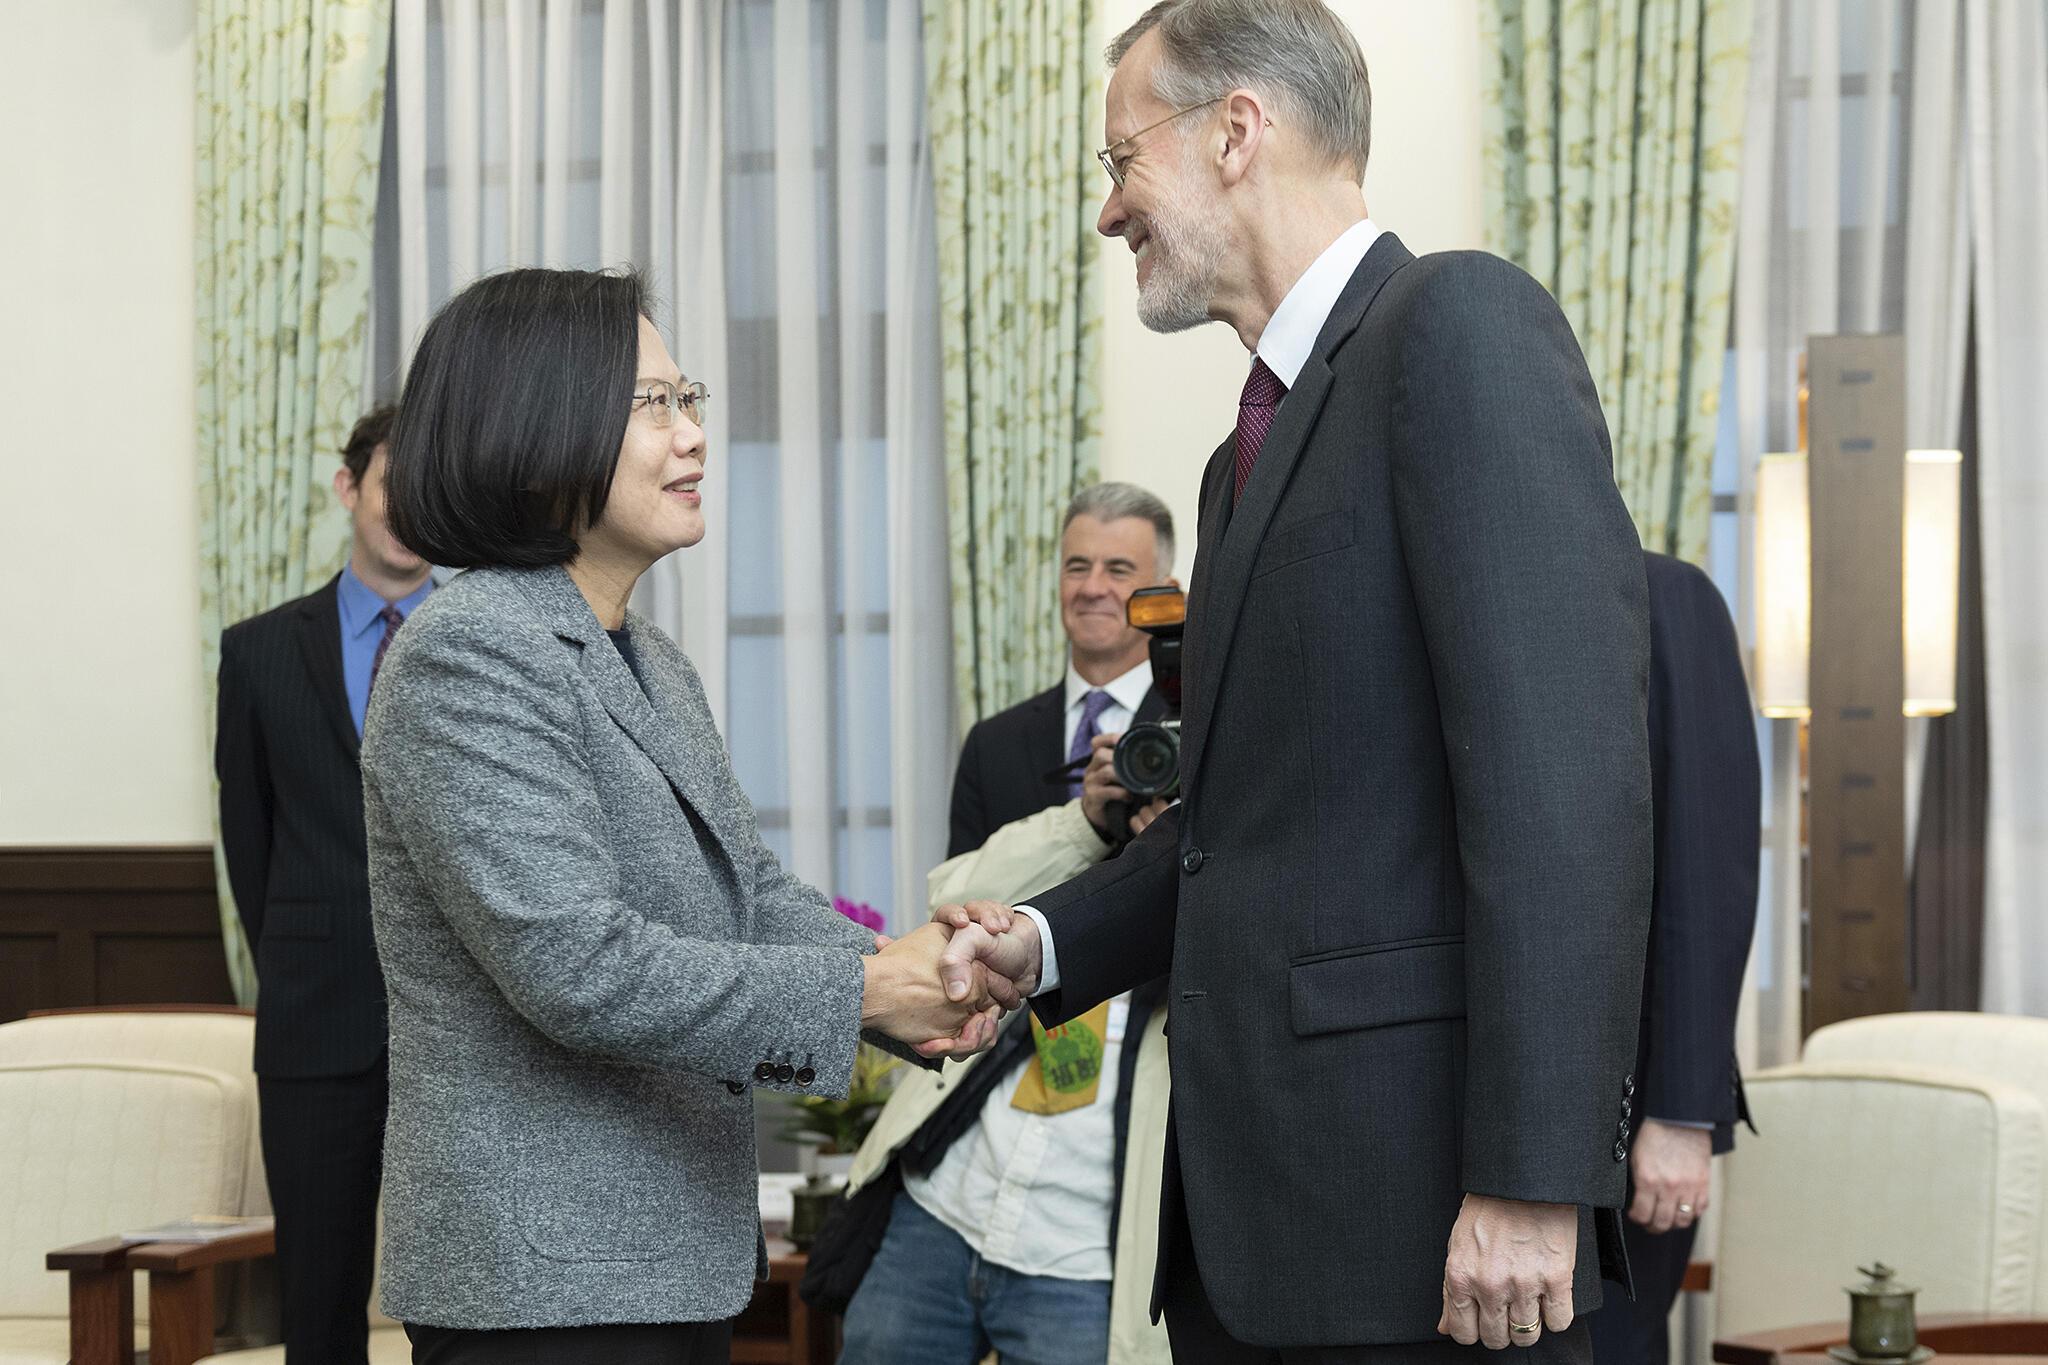 Ảnh tư liệu: Tổng thống Đài Loan Thái Anh Văn (T) tiếp ông William Brent Christensen, giám đốc Viện Mỹ, trụ sở ở Đài Bắc, tại dinh tổng thống ở Đài Bắc, ngày 12/01/2020.